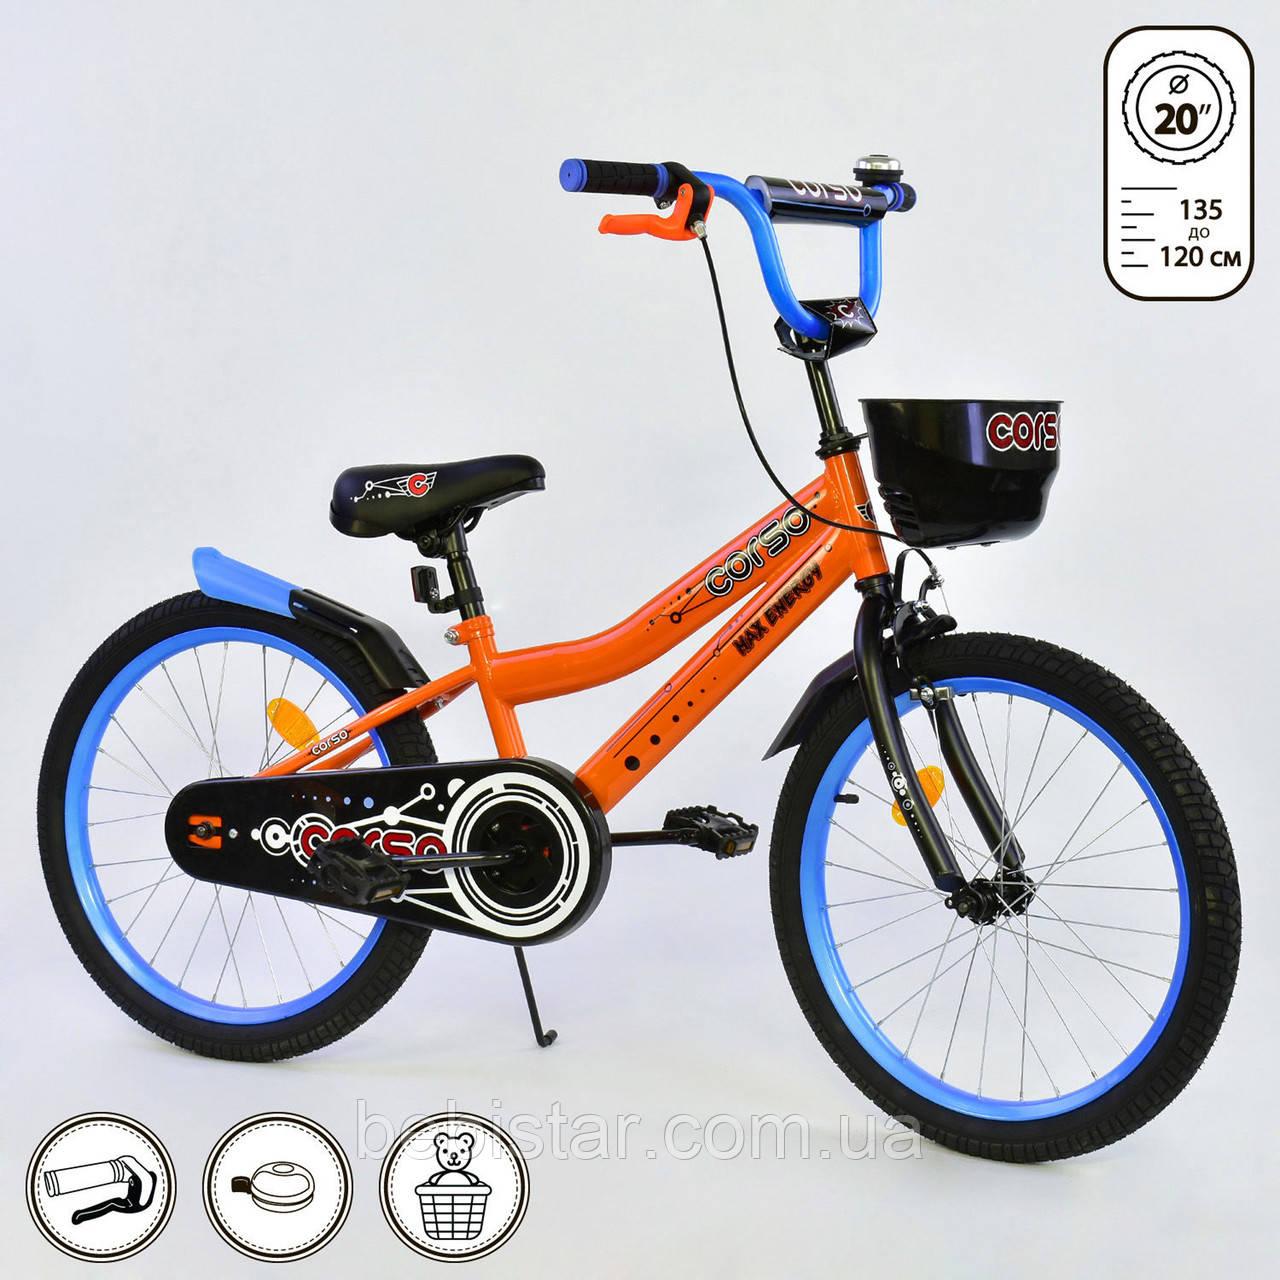 """Детский двухколесный велосипед оранжевый, корзинка, подножка, ручной тормоз Corso 20"""" детям 6-9 лет"""